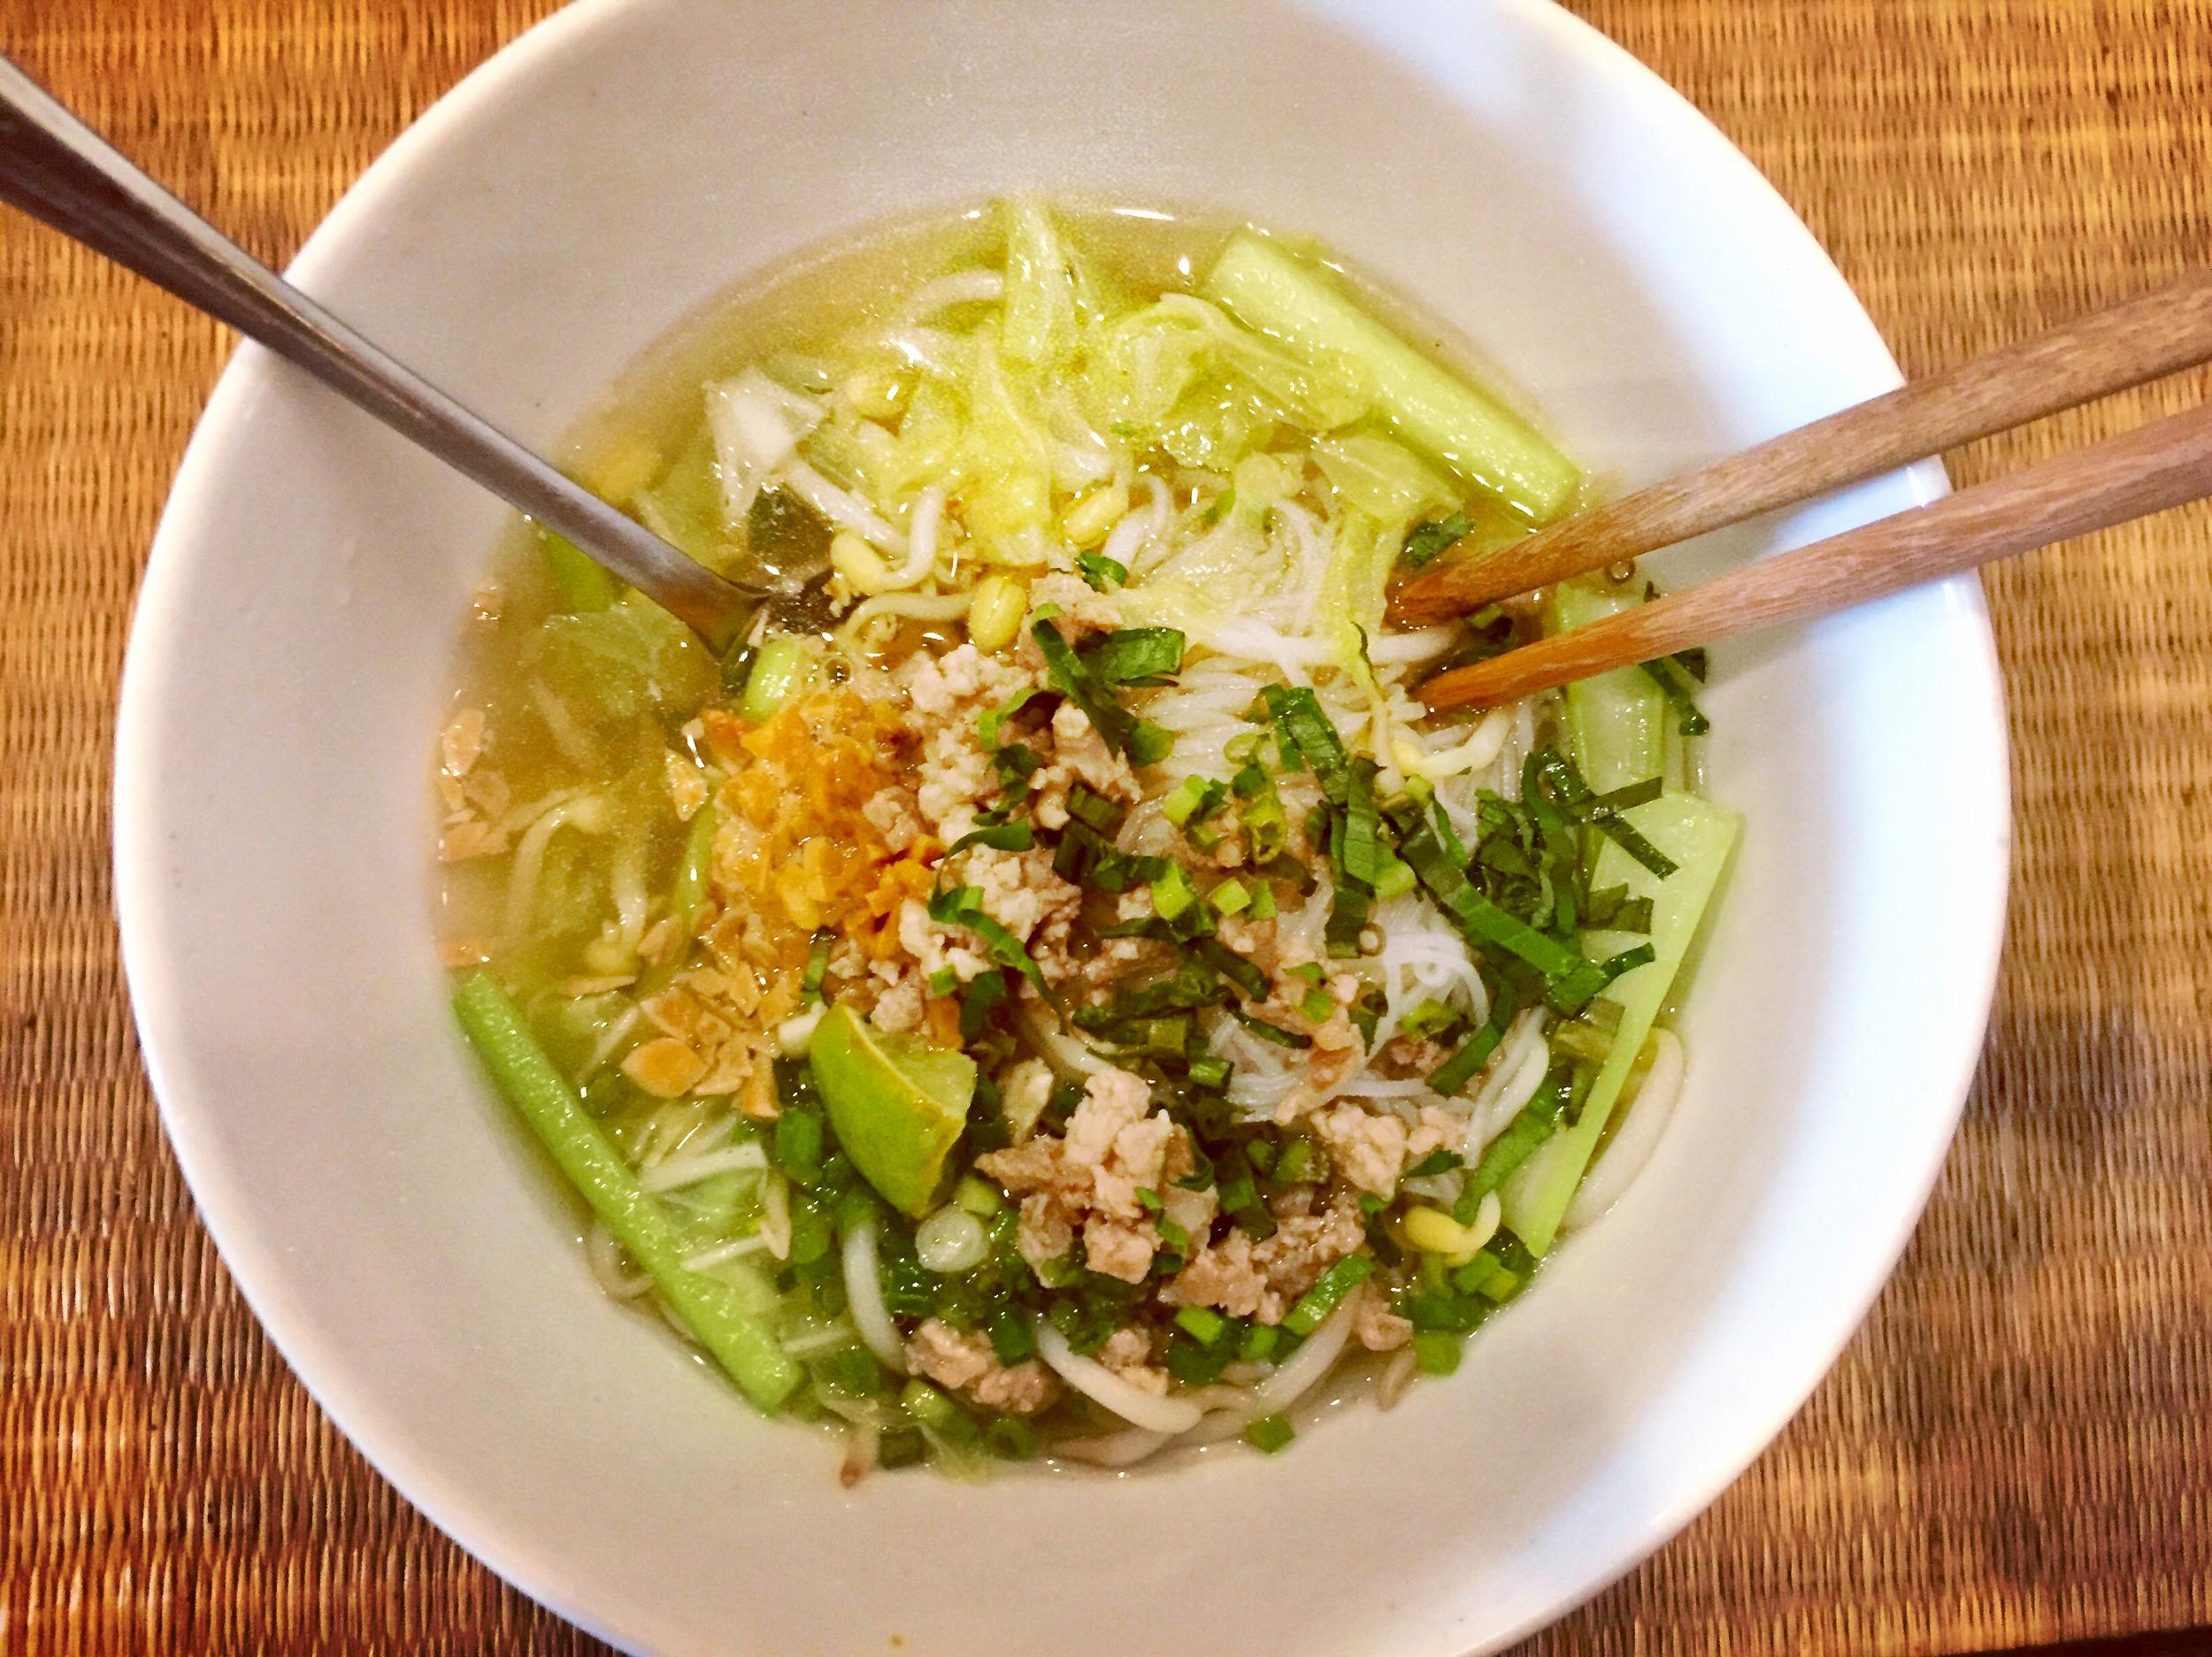 Breakfast bowl of kuy teav at the Royal Angkor Resort.